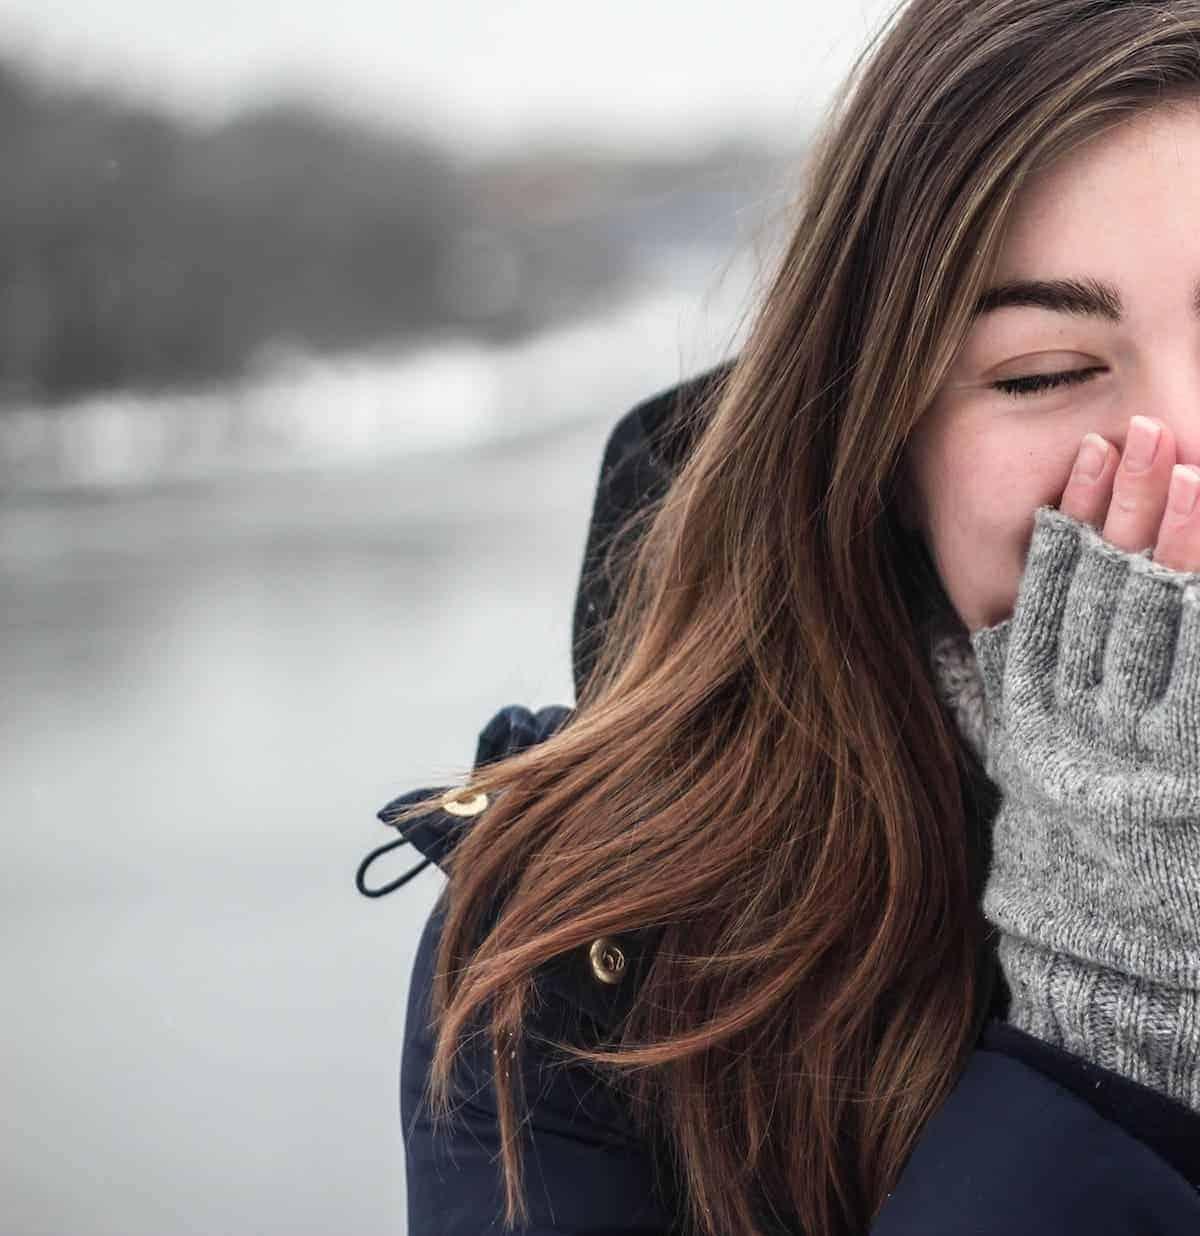 A woman wearing fingerless gloves.